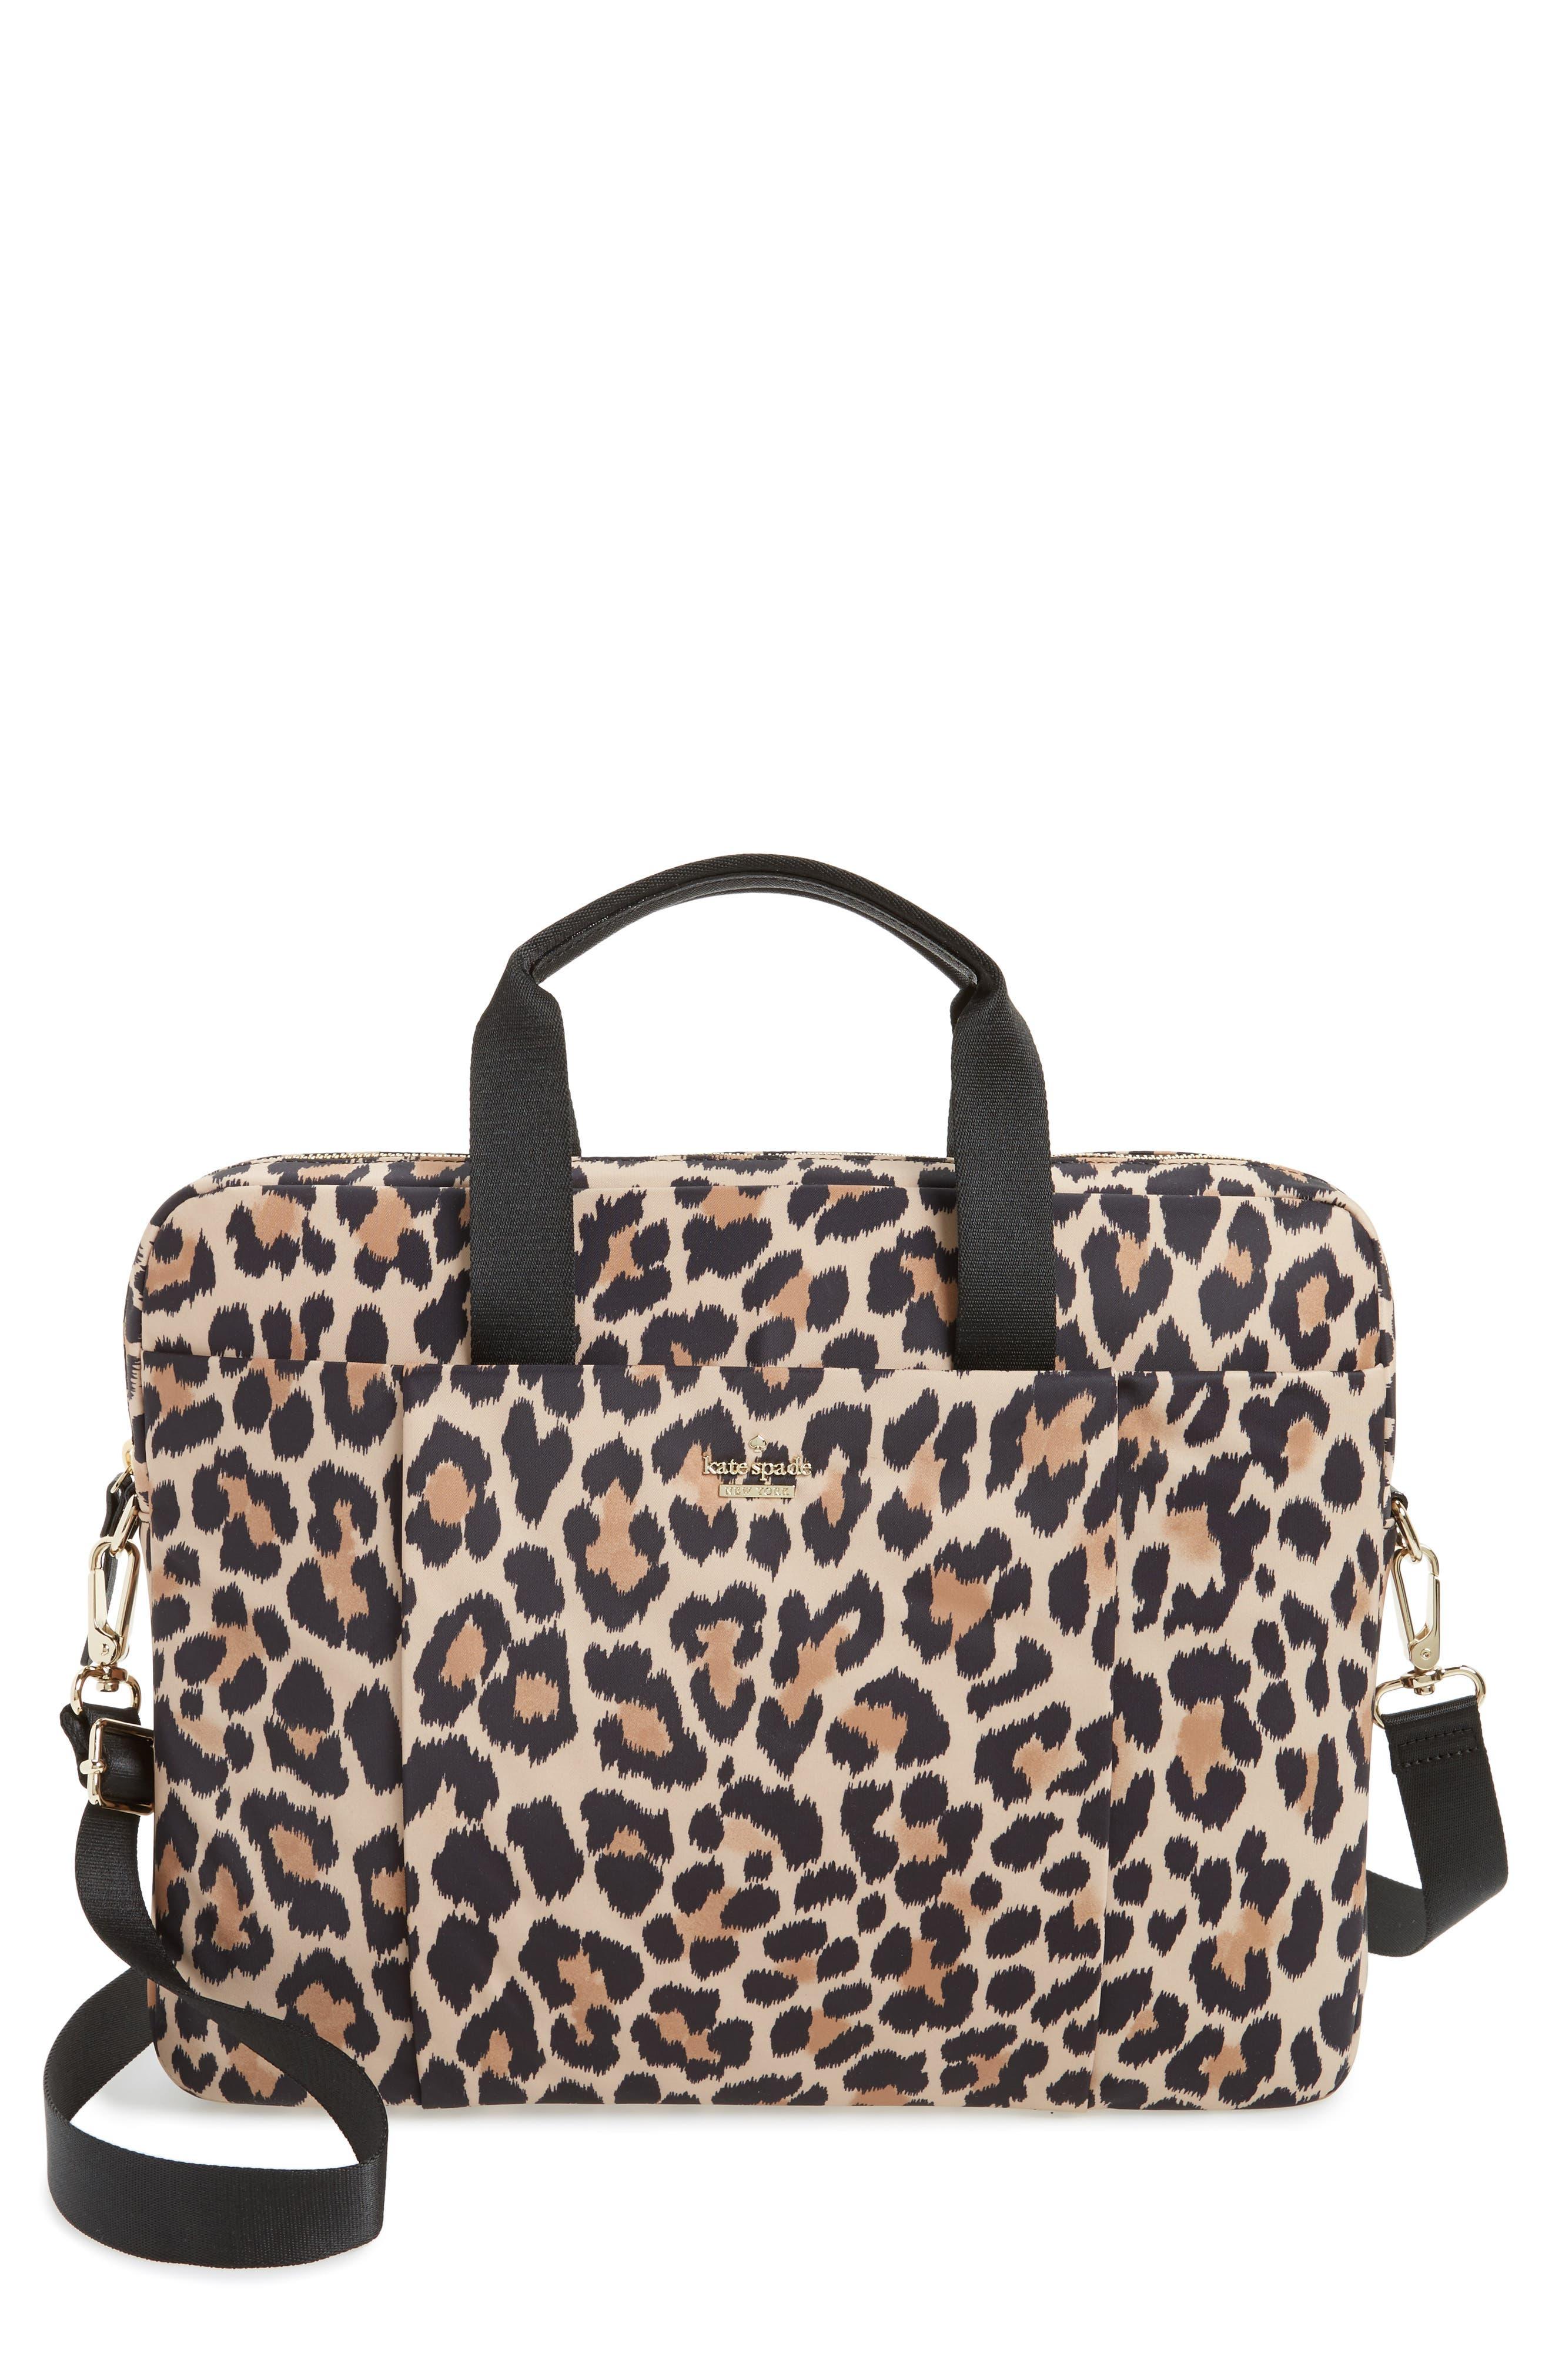 kate spade new york leopard commuter bag